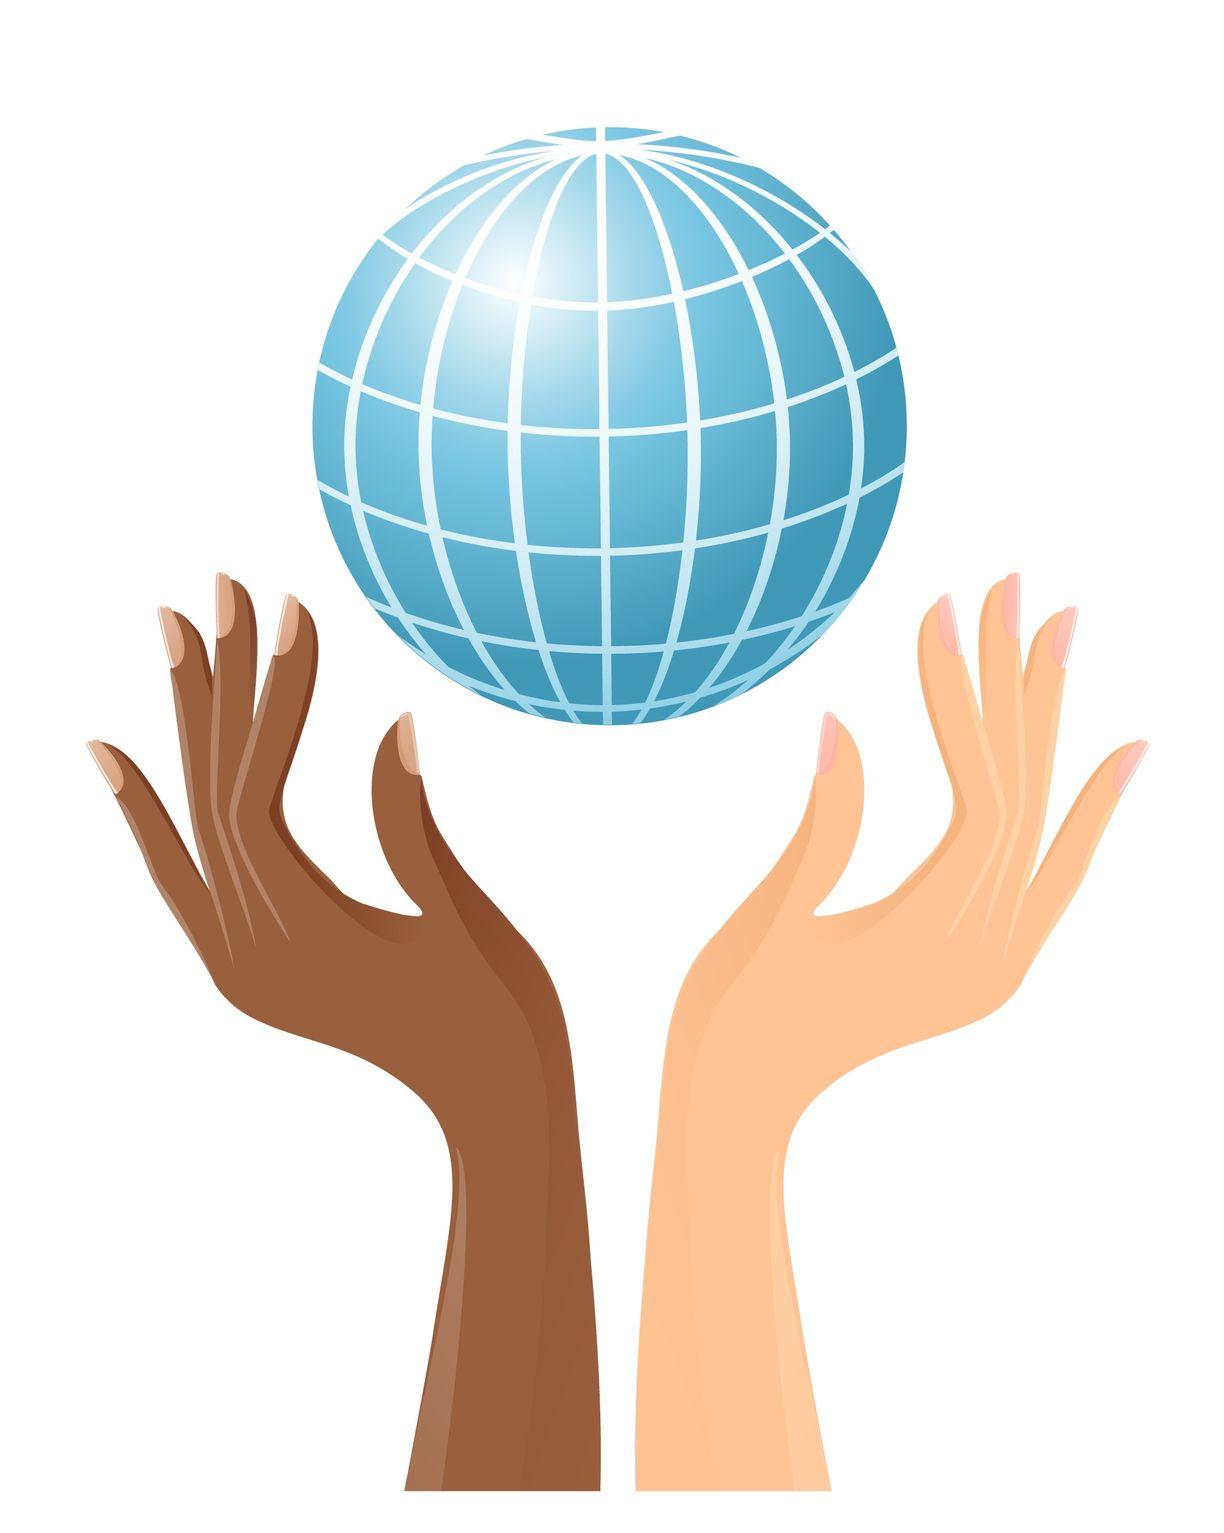 Oproep voor gelijke behandeling, voor alle Nederlandse staatsburgers.